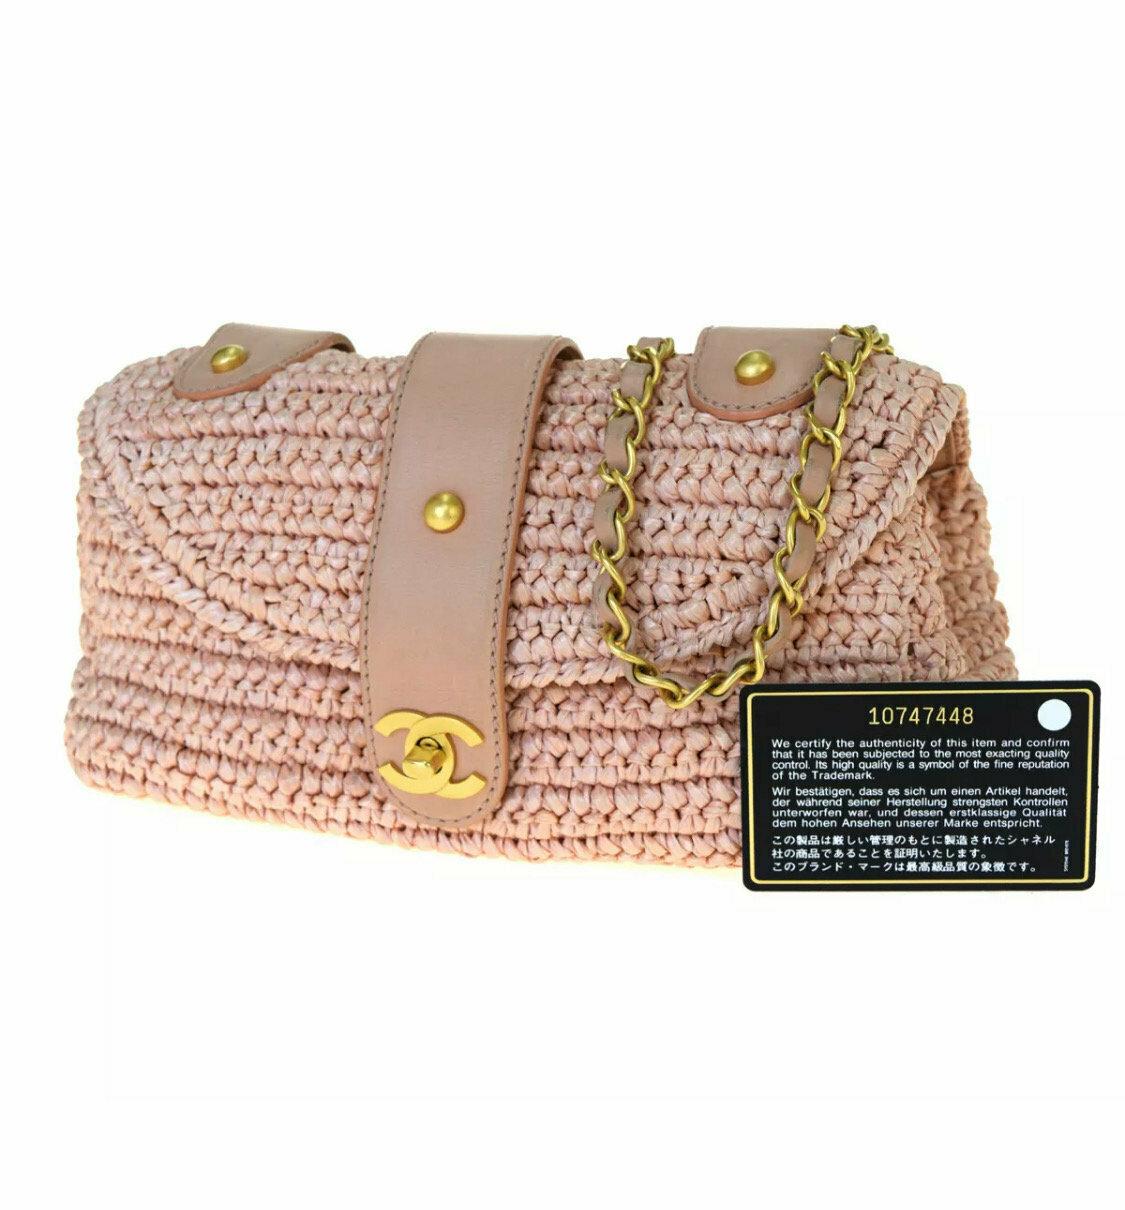 VINTAGE CHANEL CC PINK WOVEN RAFFIA STRAW CROSSBODY BAG